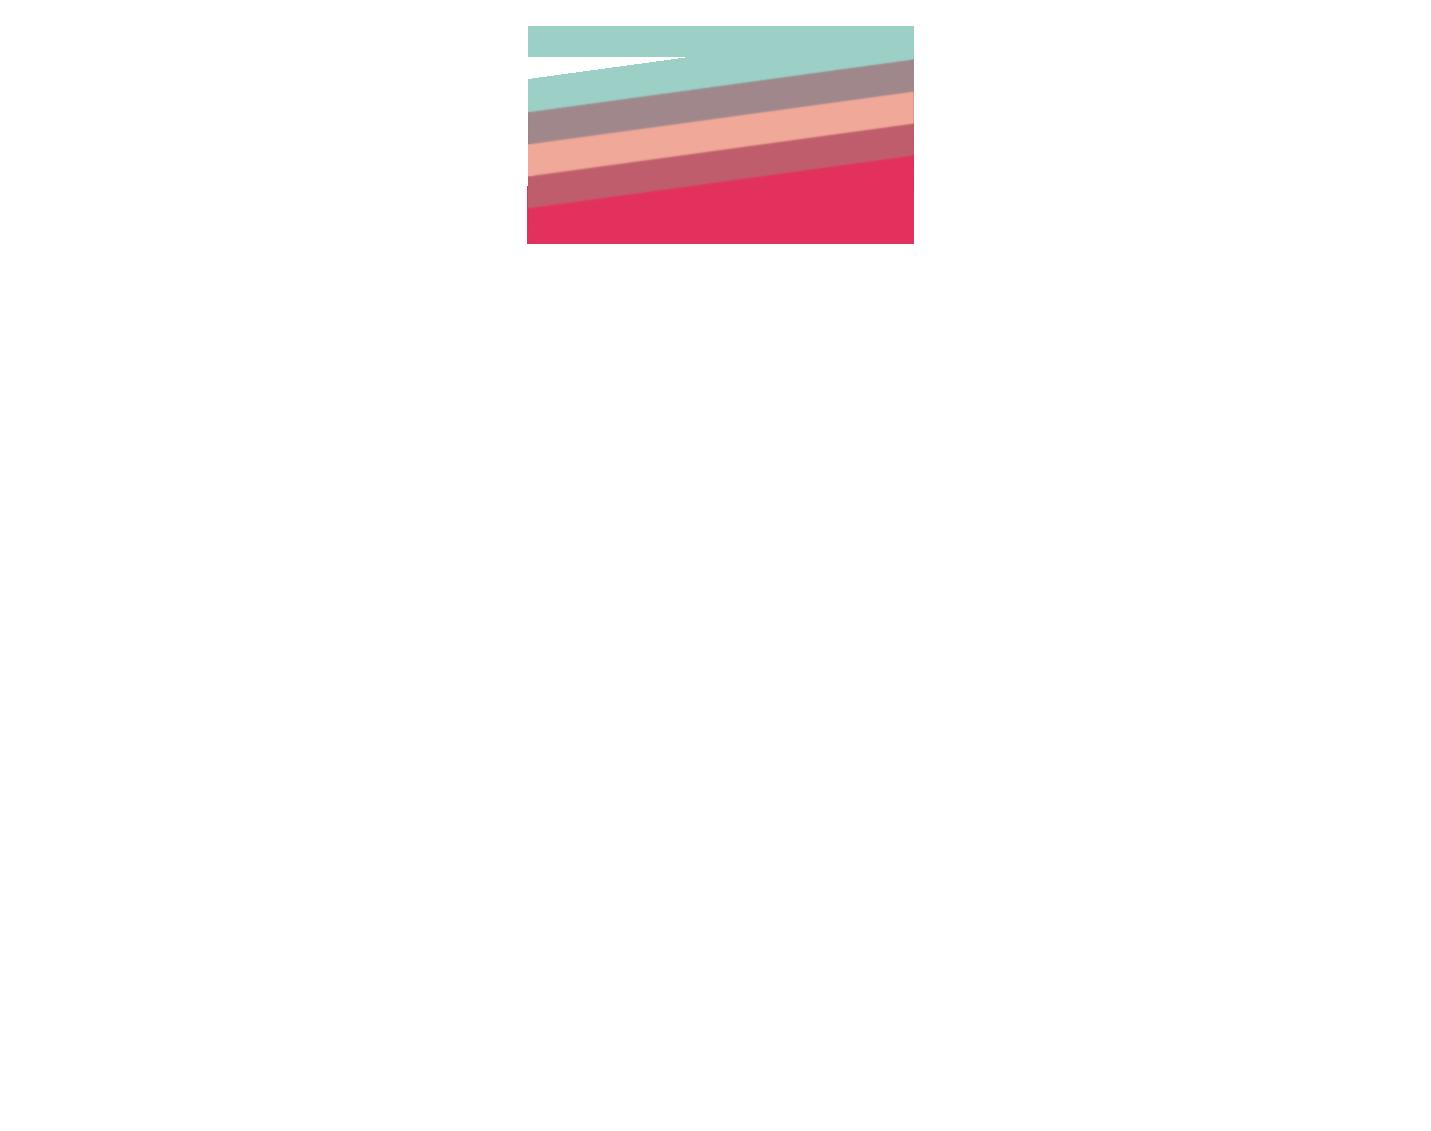 Tais events